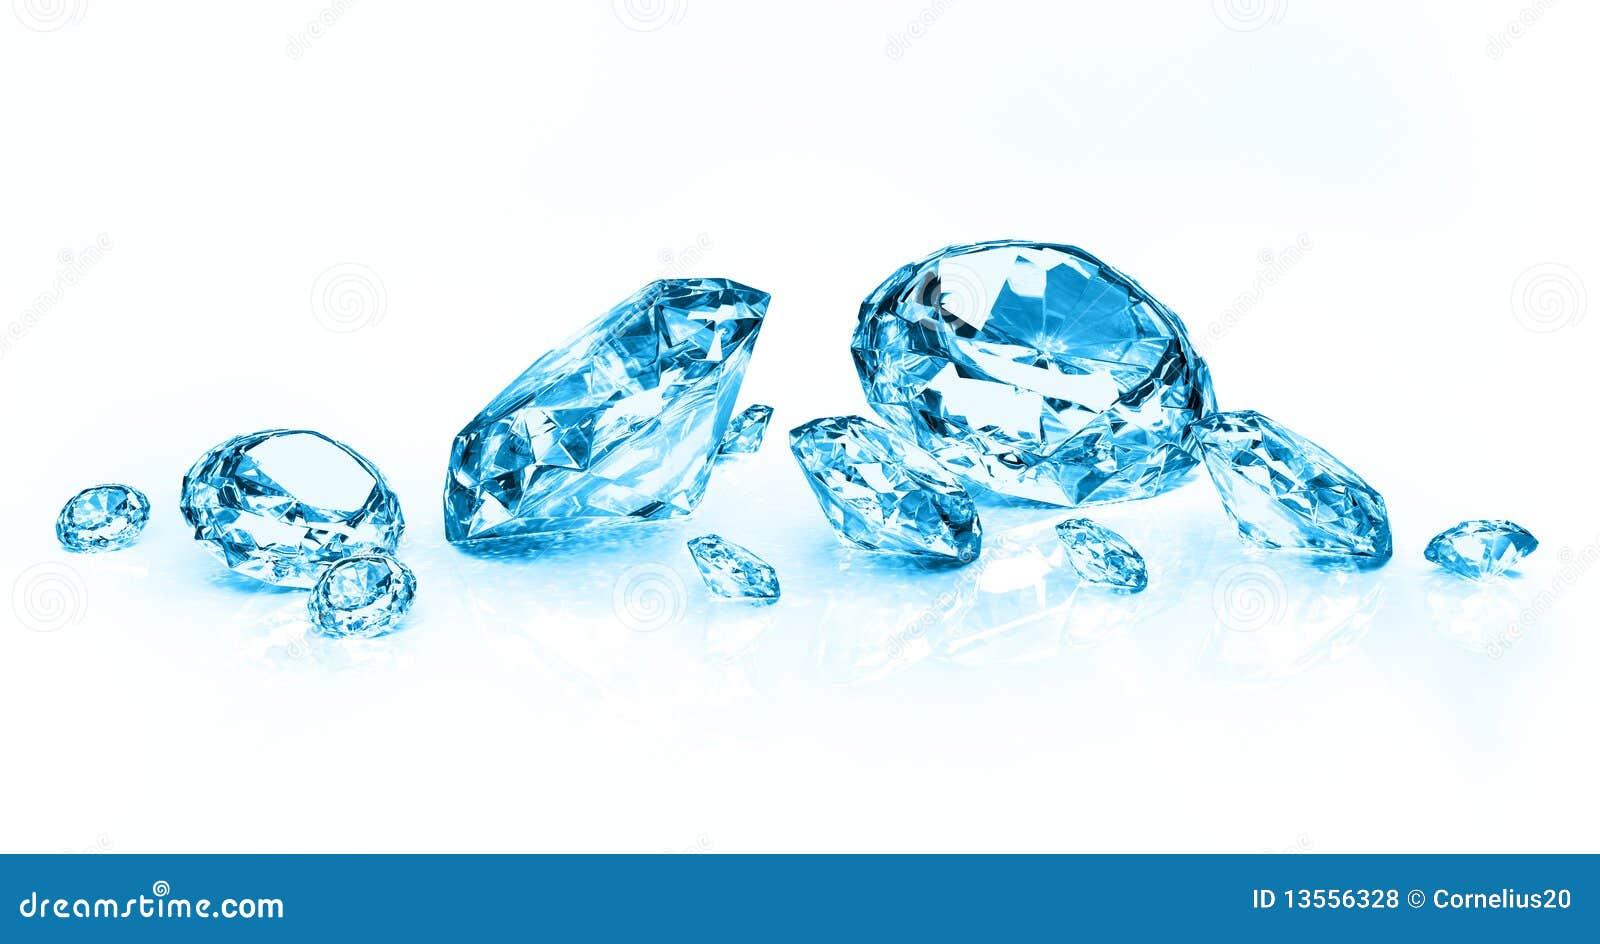 Blue Diamonds Royalty Free Stock Photos - Image: 13556328